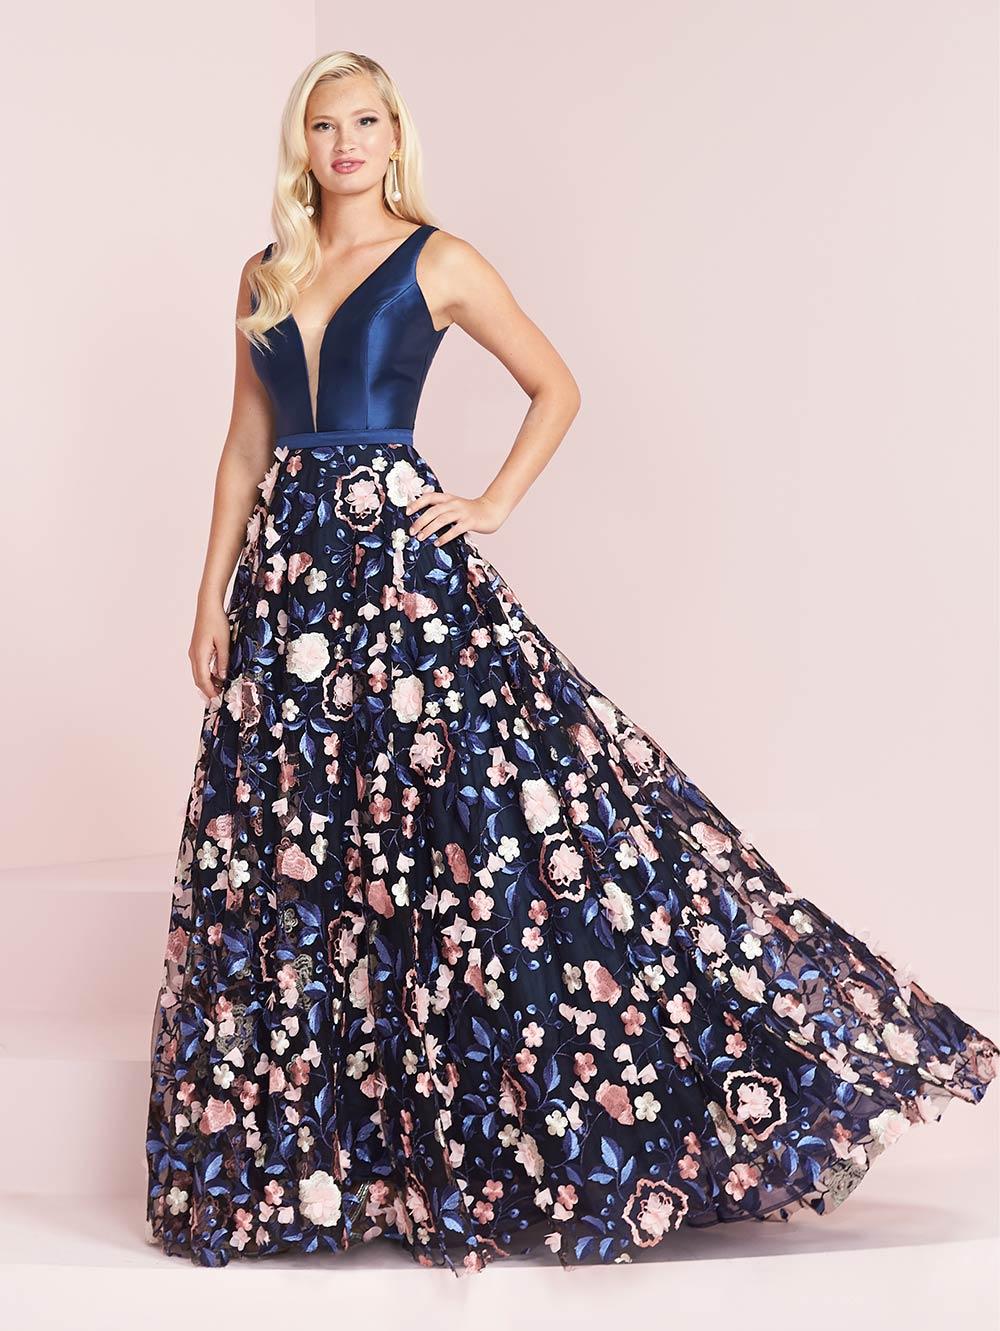 prom-dresses-jacquelin-bridals-canada-27583